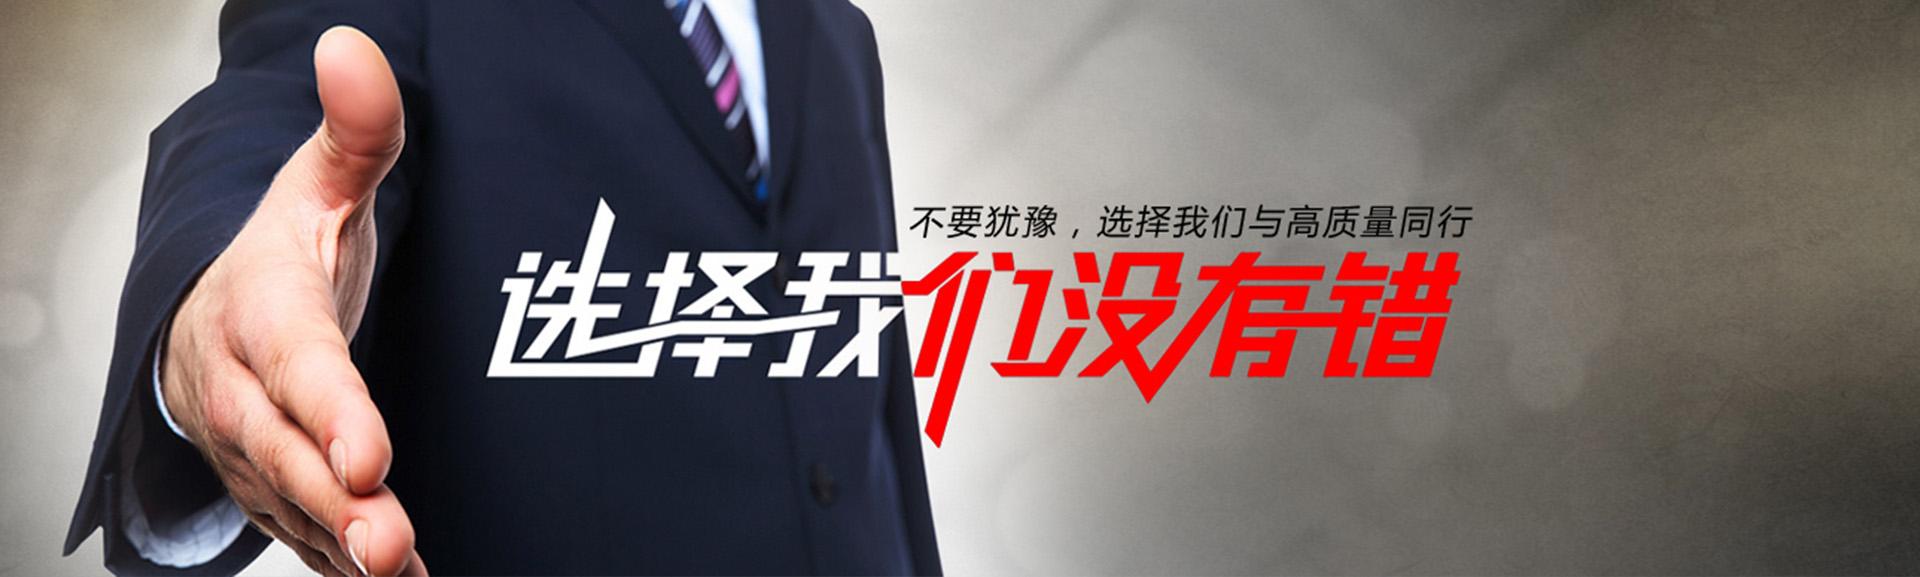 江阴要债公司